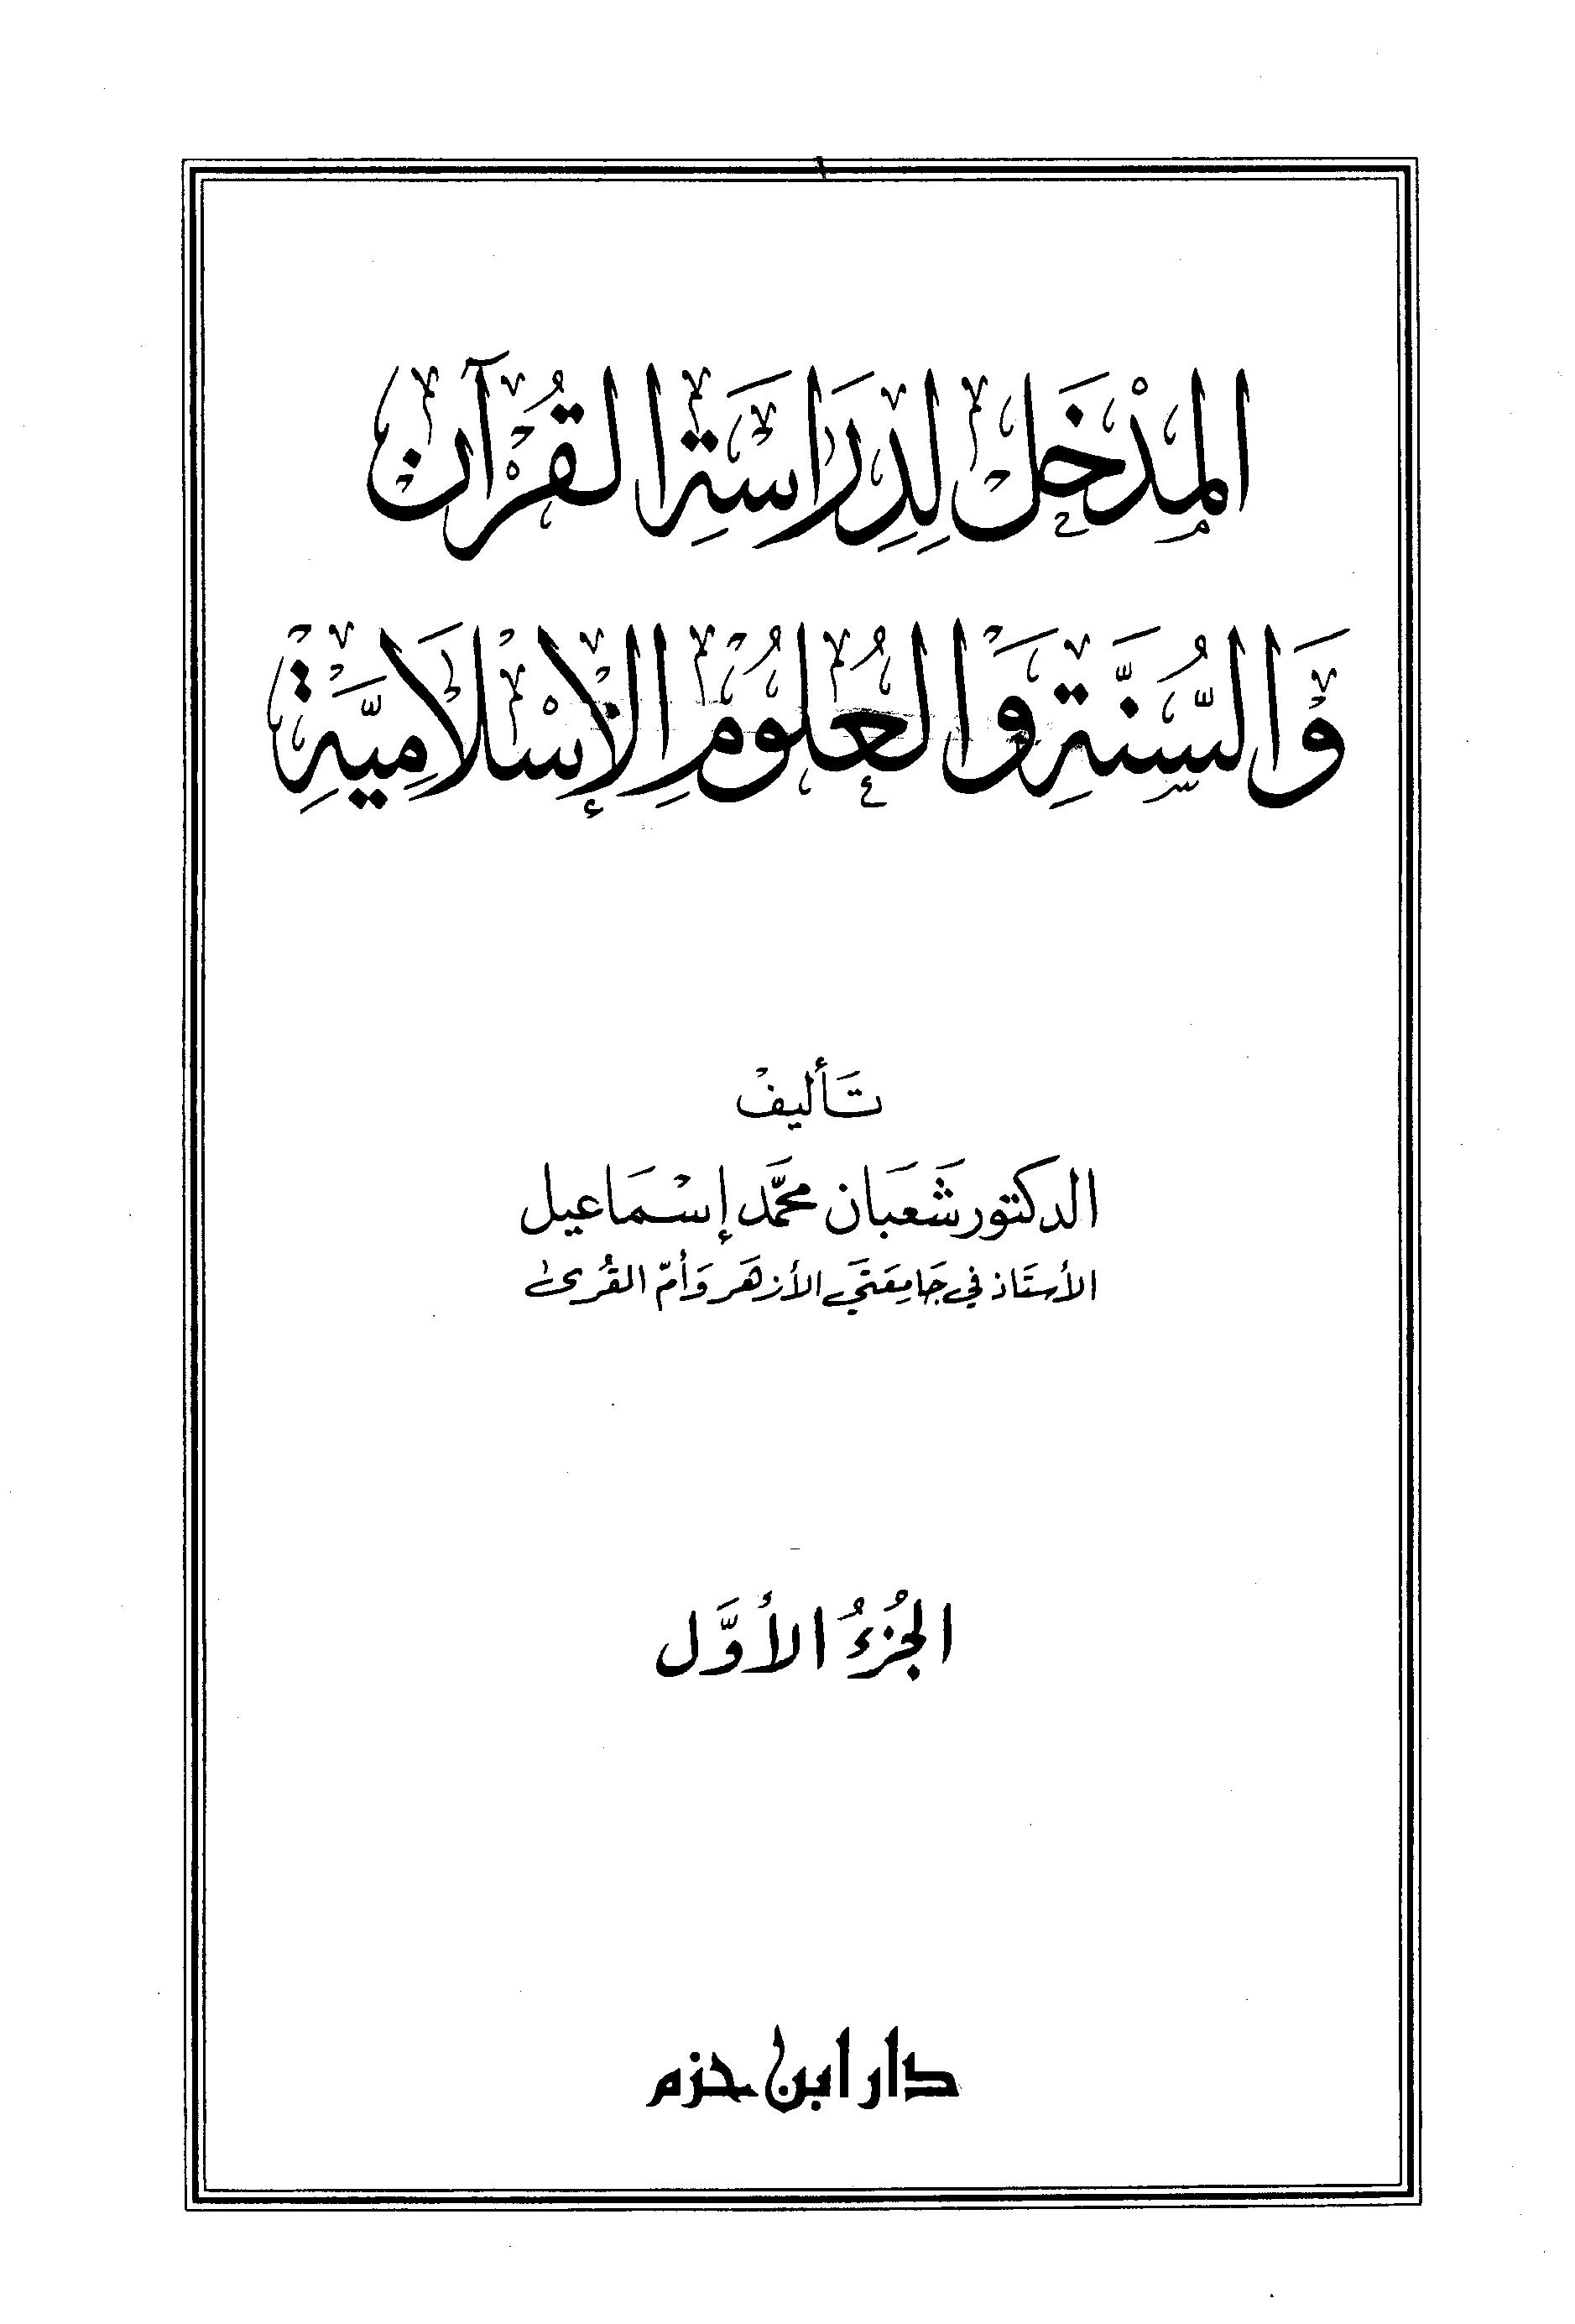 تحميل كتاب المدخل لدراسة القرآن والسنة والعلوم الإسلامية لـِ: الدكتور شعبان محمد إسماعيل